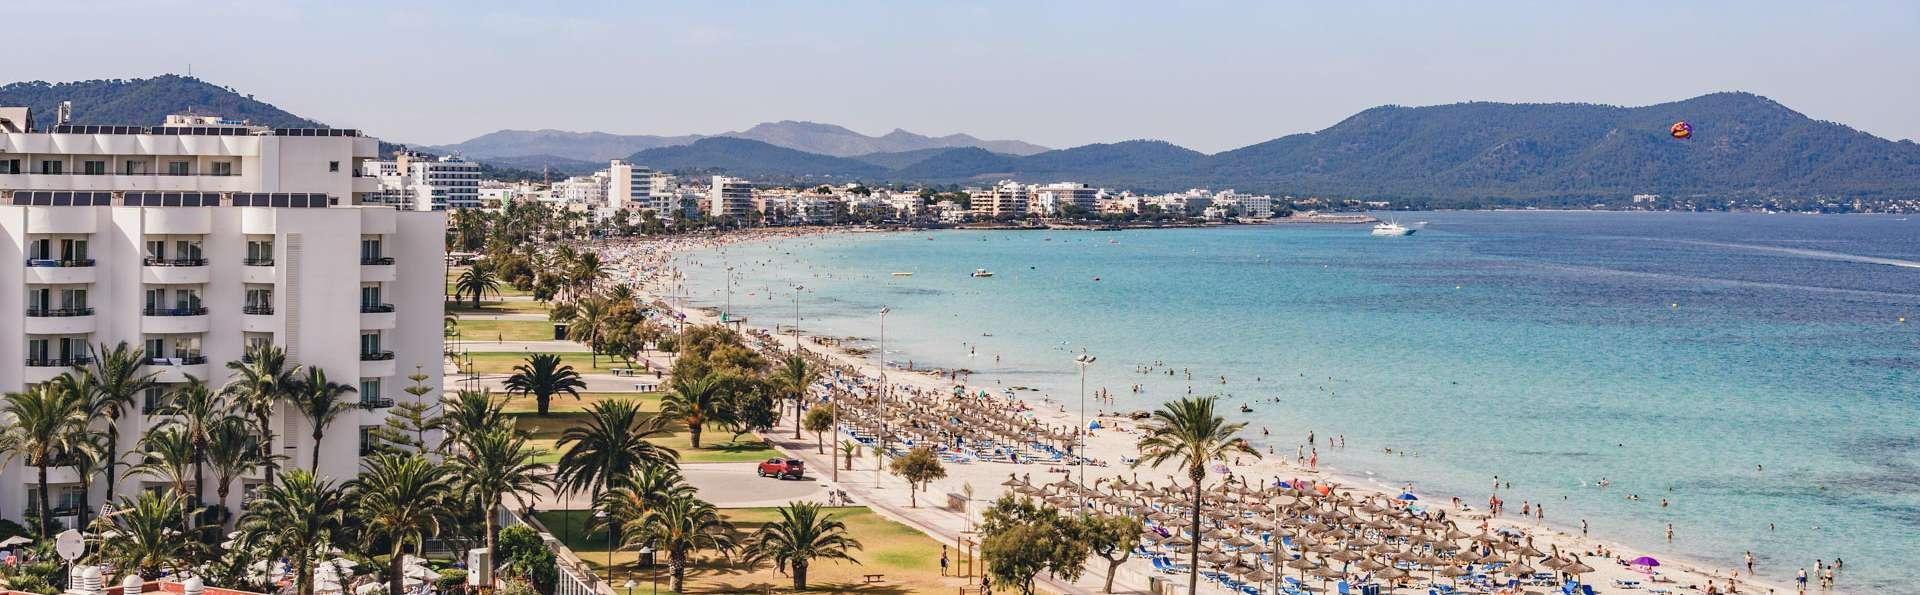 Vacaciones perfectas con Todo Incluido en Cala Millor